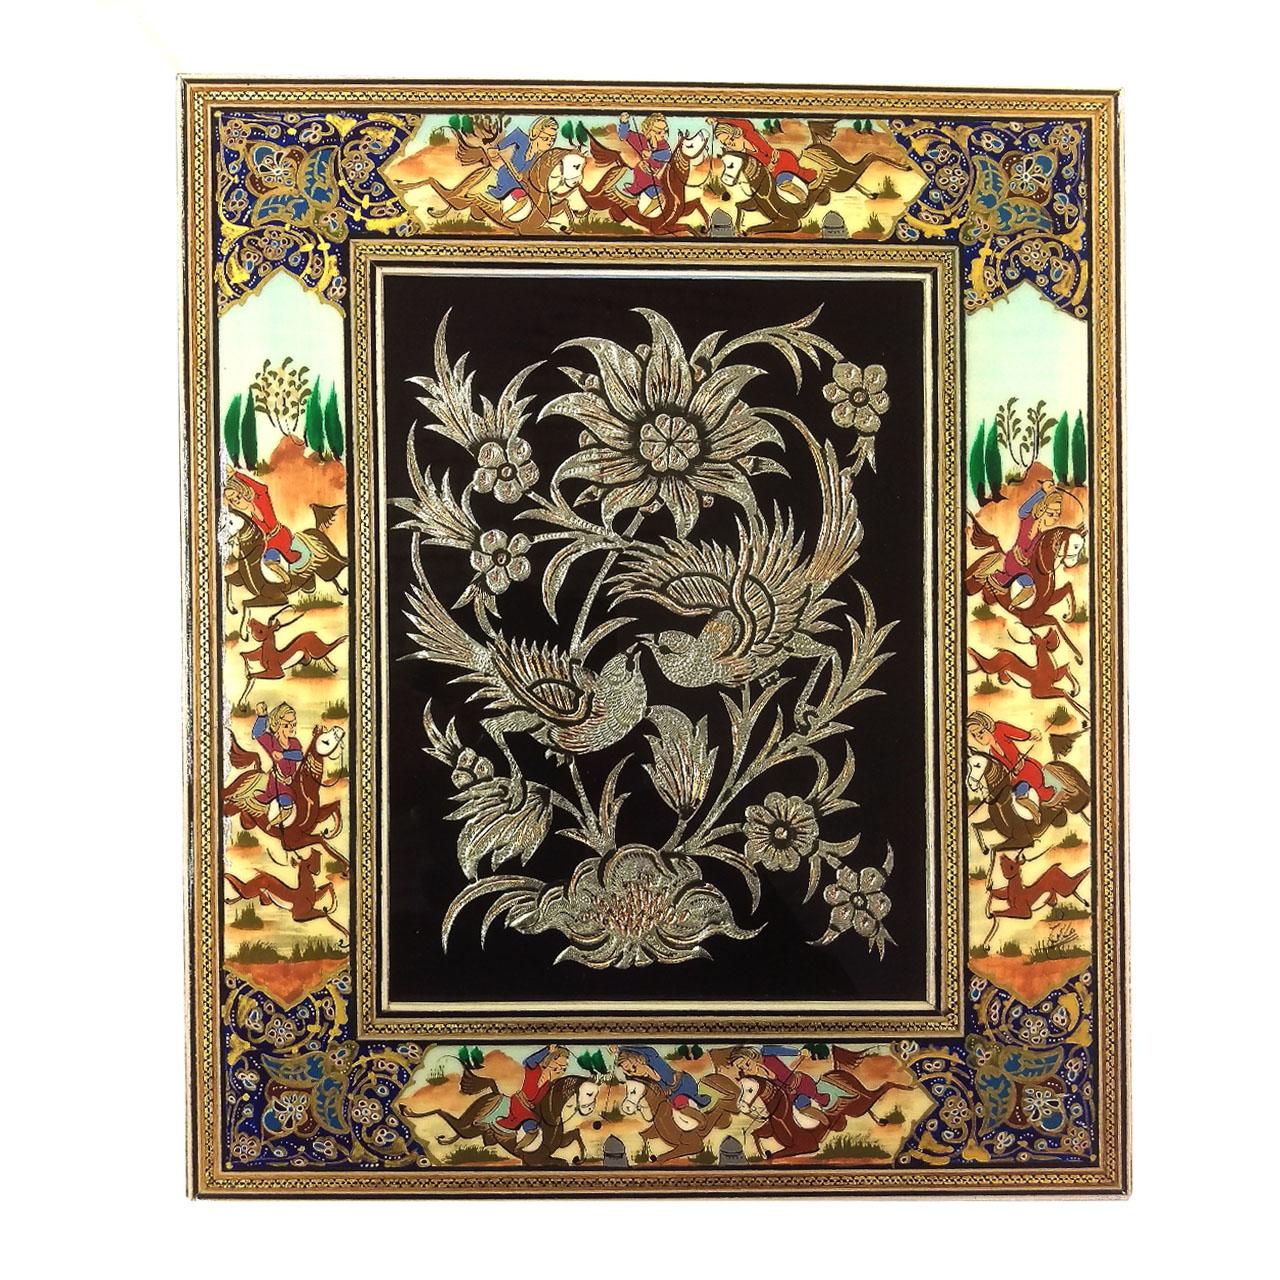 قاب خاتم لوح هنر طرح گل و پرنده قلمزنی کد 1097